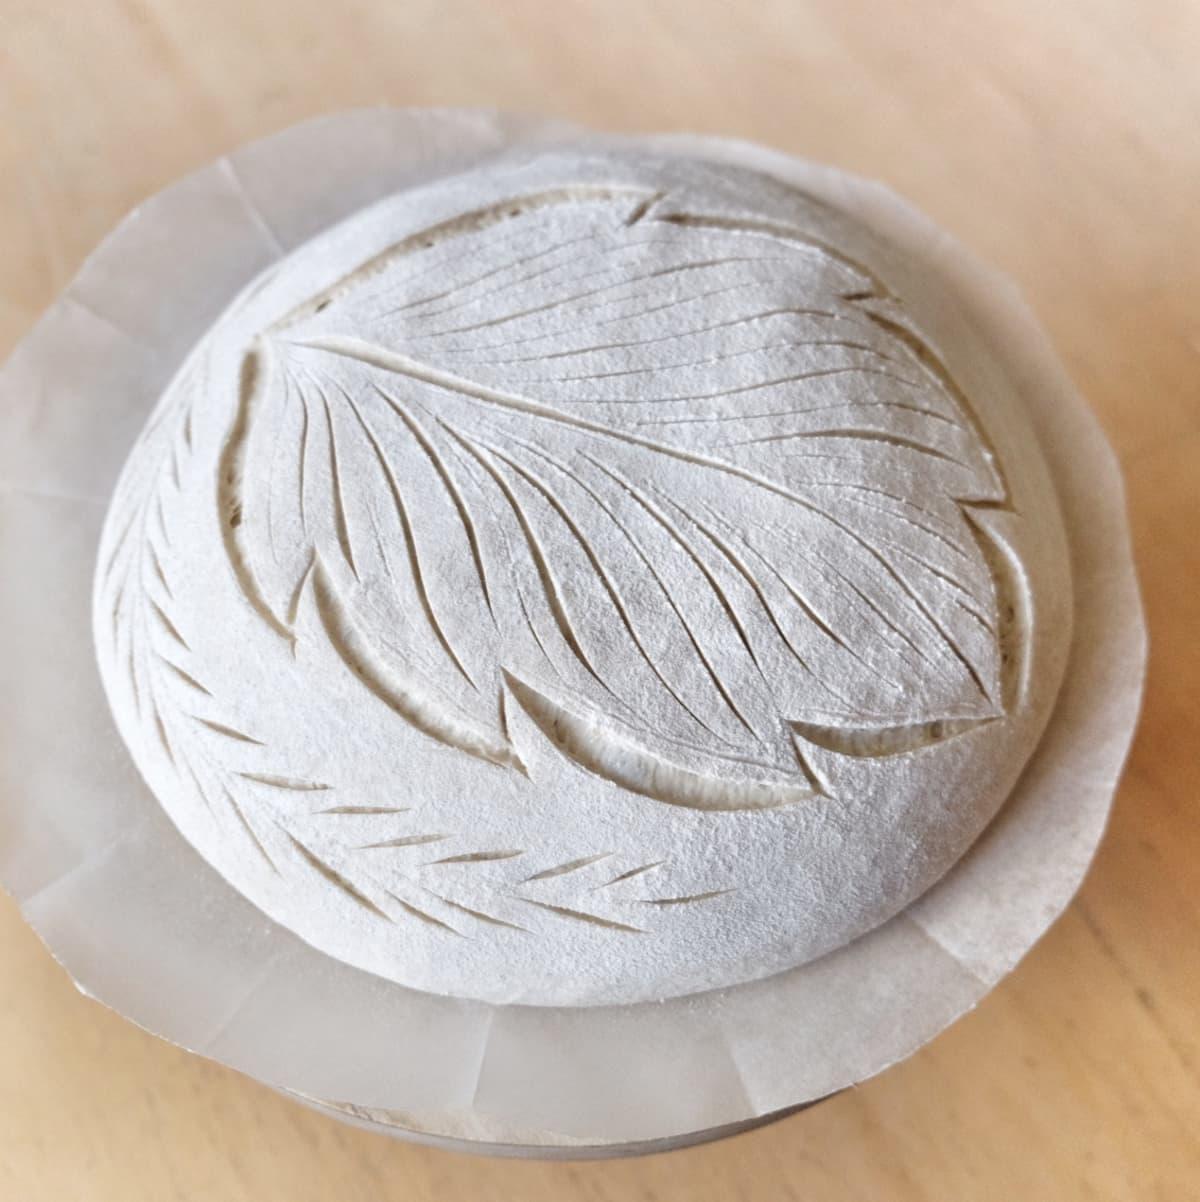 Hankolaisen Mia Nybergin leipoma ja koristelema hapanjuurileipä.